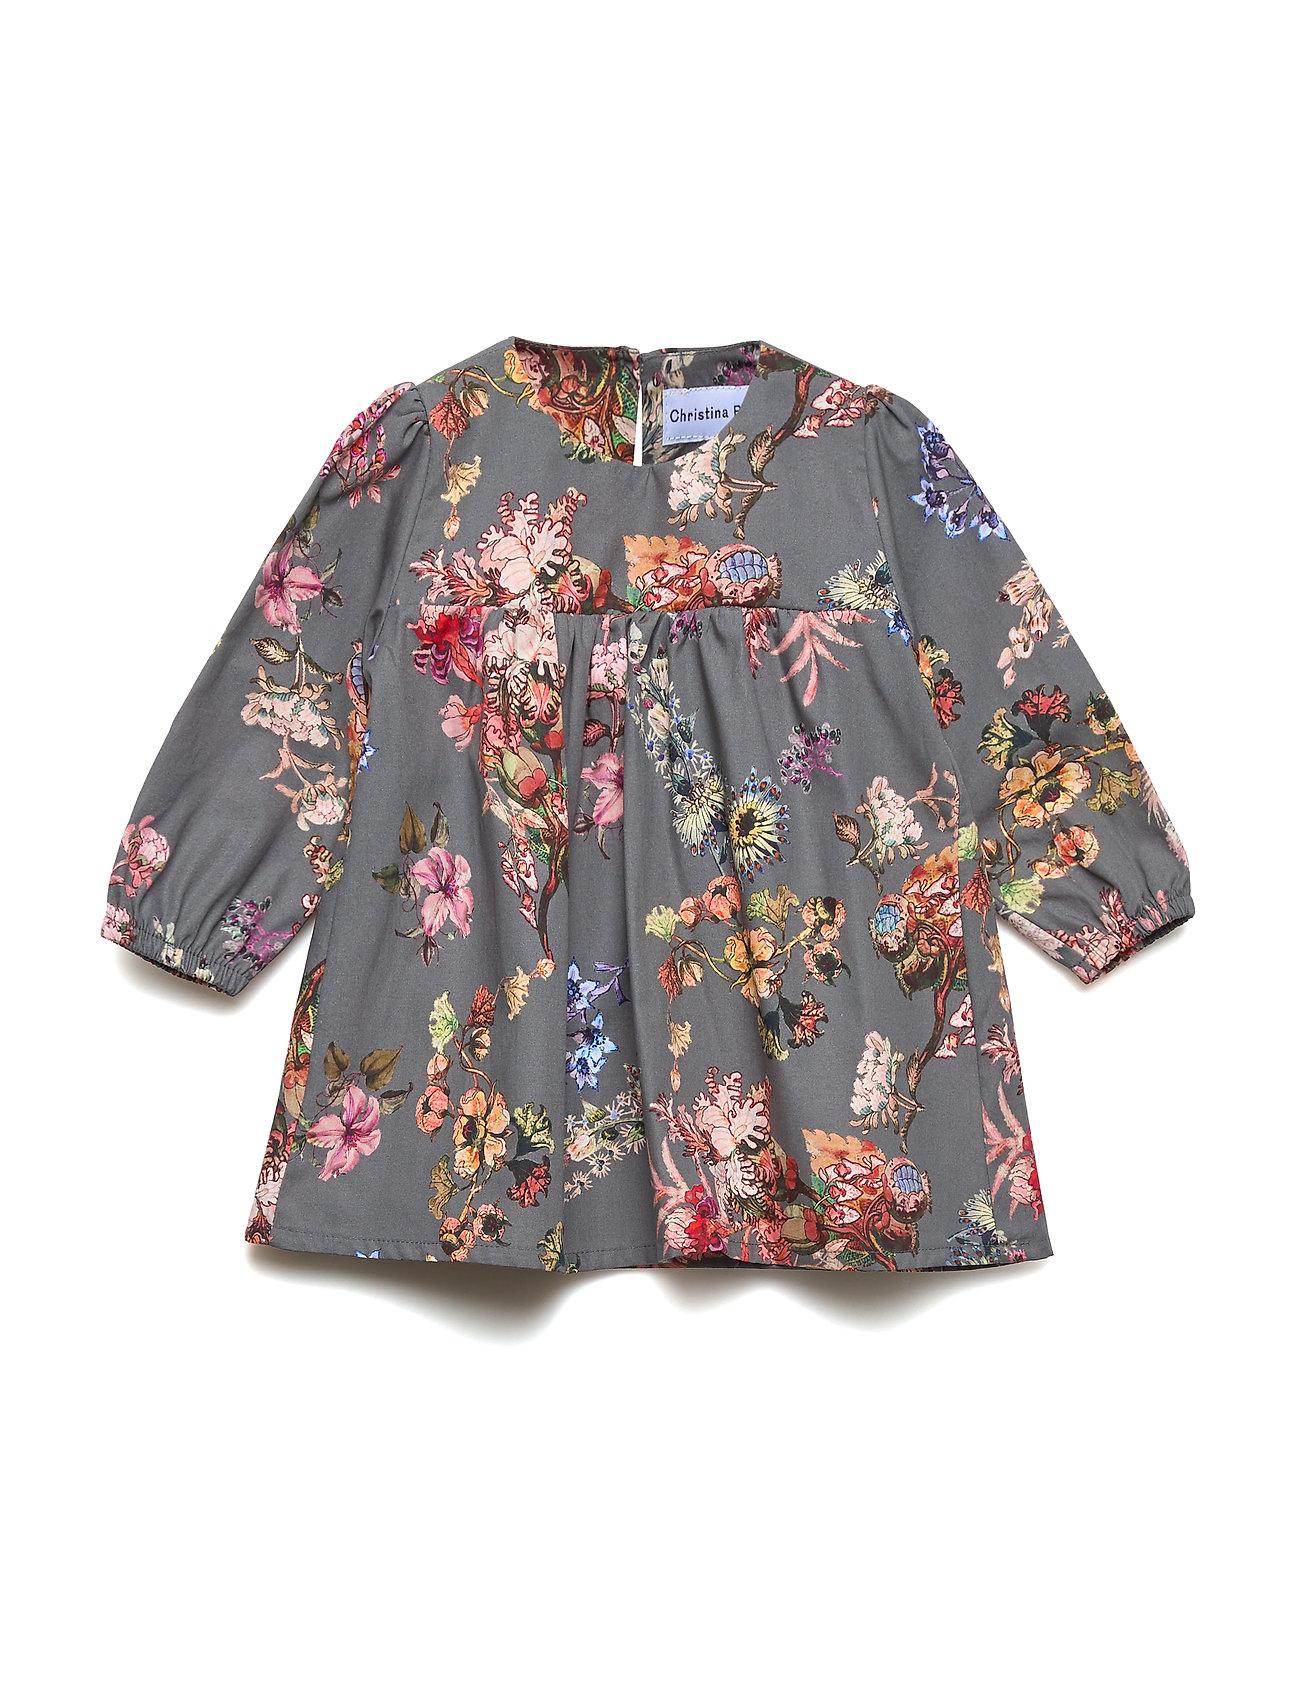 Christina Rohde Dress No. 824 - GREY FLOWERS